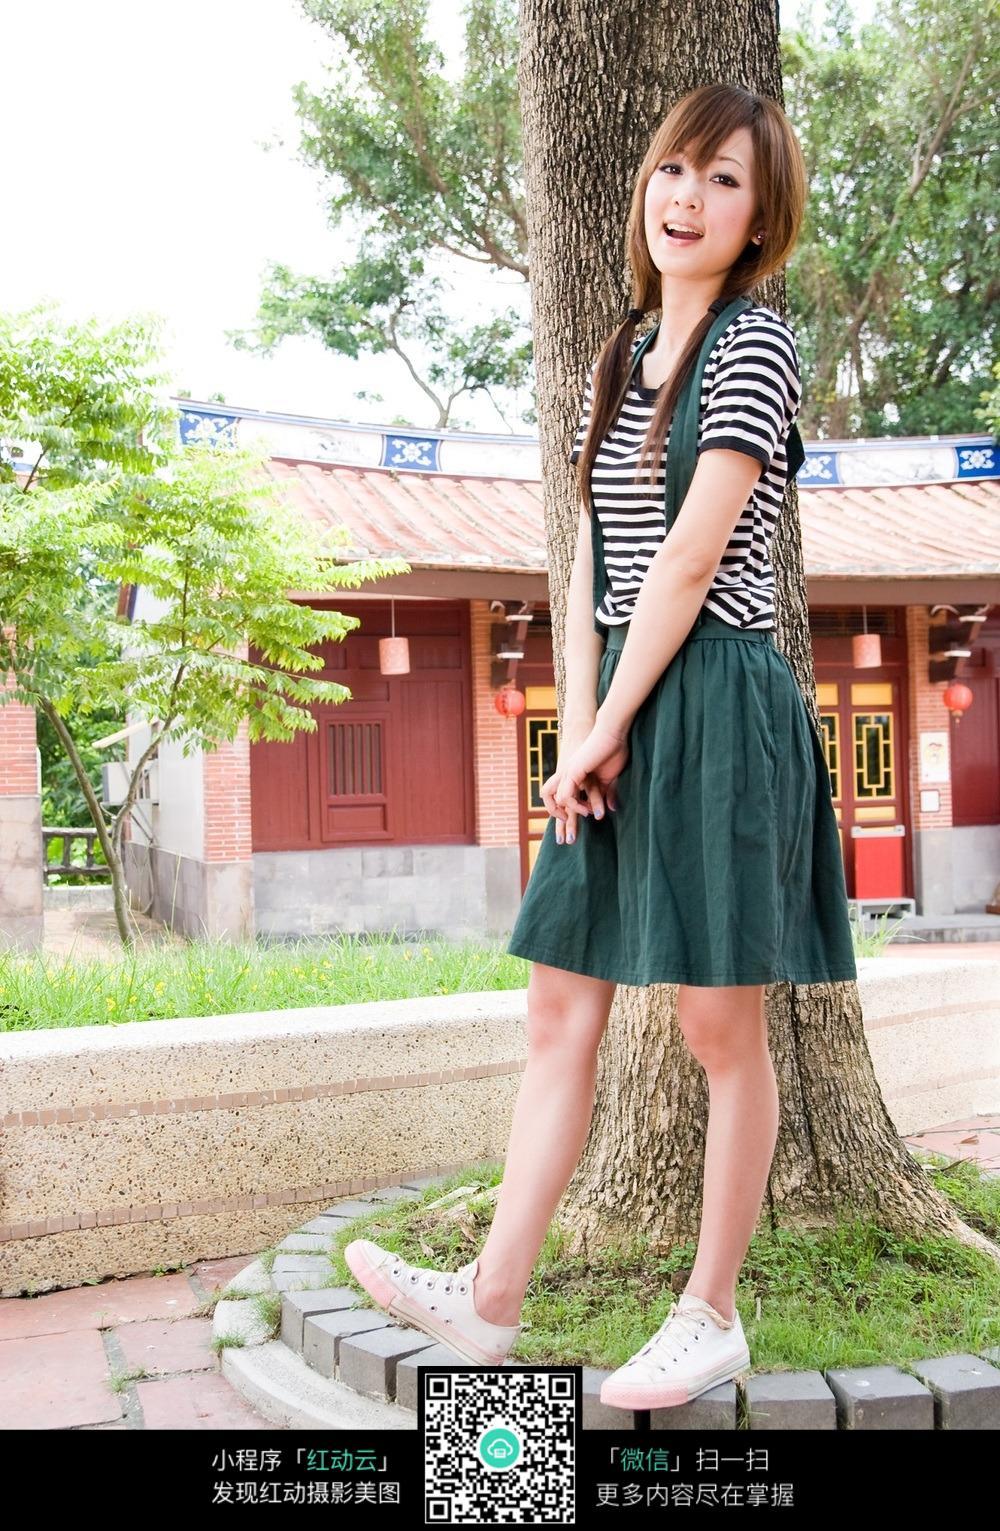 背带a字裙   森女   日系   羞涩   树下   侧身站立 人物素材 摄影图